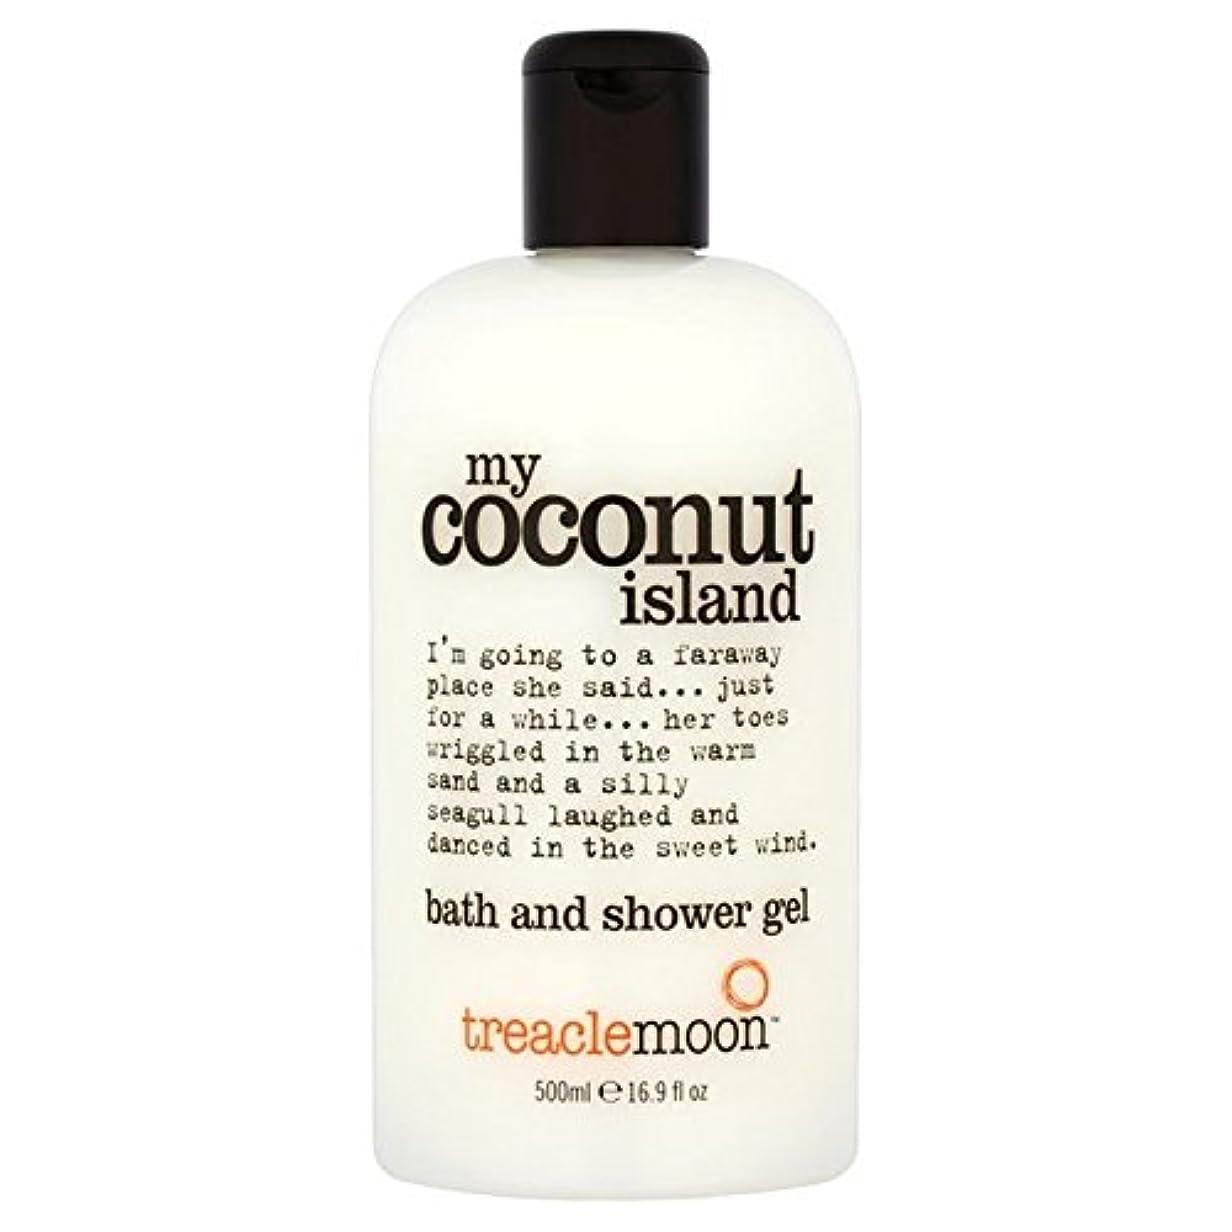 貧しい遺産破滅Treacle Moon Coconut Island Bath & Shower Gel 500ml - 糖蜜月ココナッツ島のバス&シャワージェル500ミリリットル [並行輸入品]